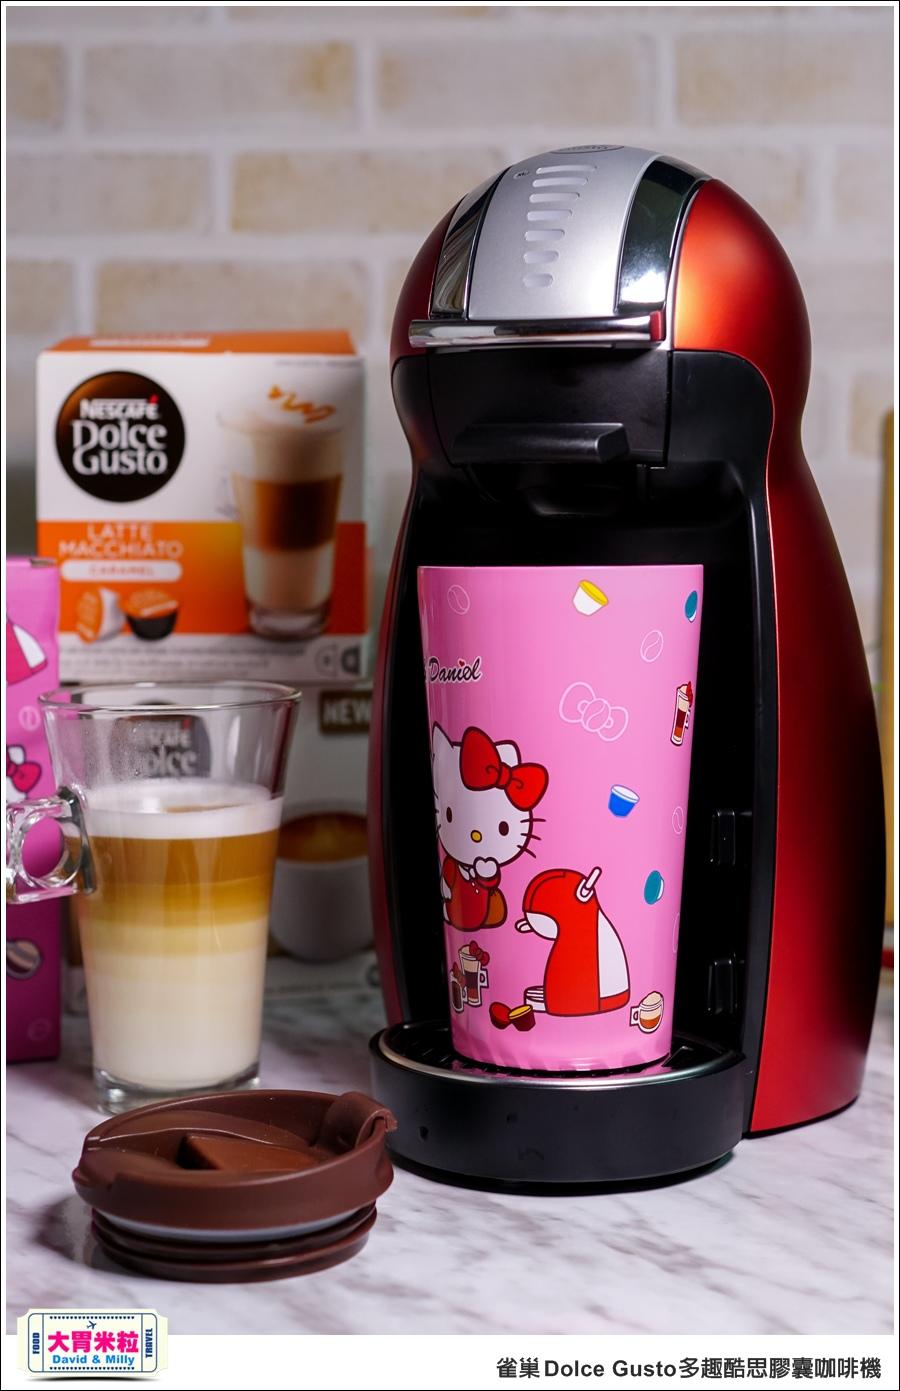 咖啡機推薦@雀巢 Dolce Gusto 多趣酷思膠囊咖啡機 @大胃米粒 0055.jpg